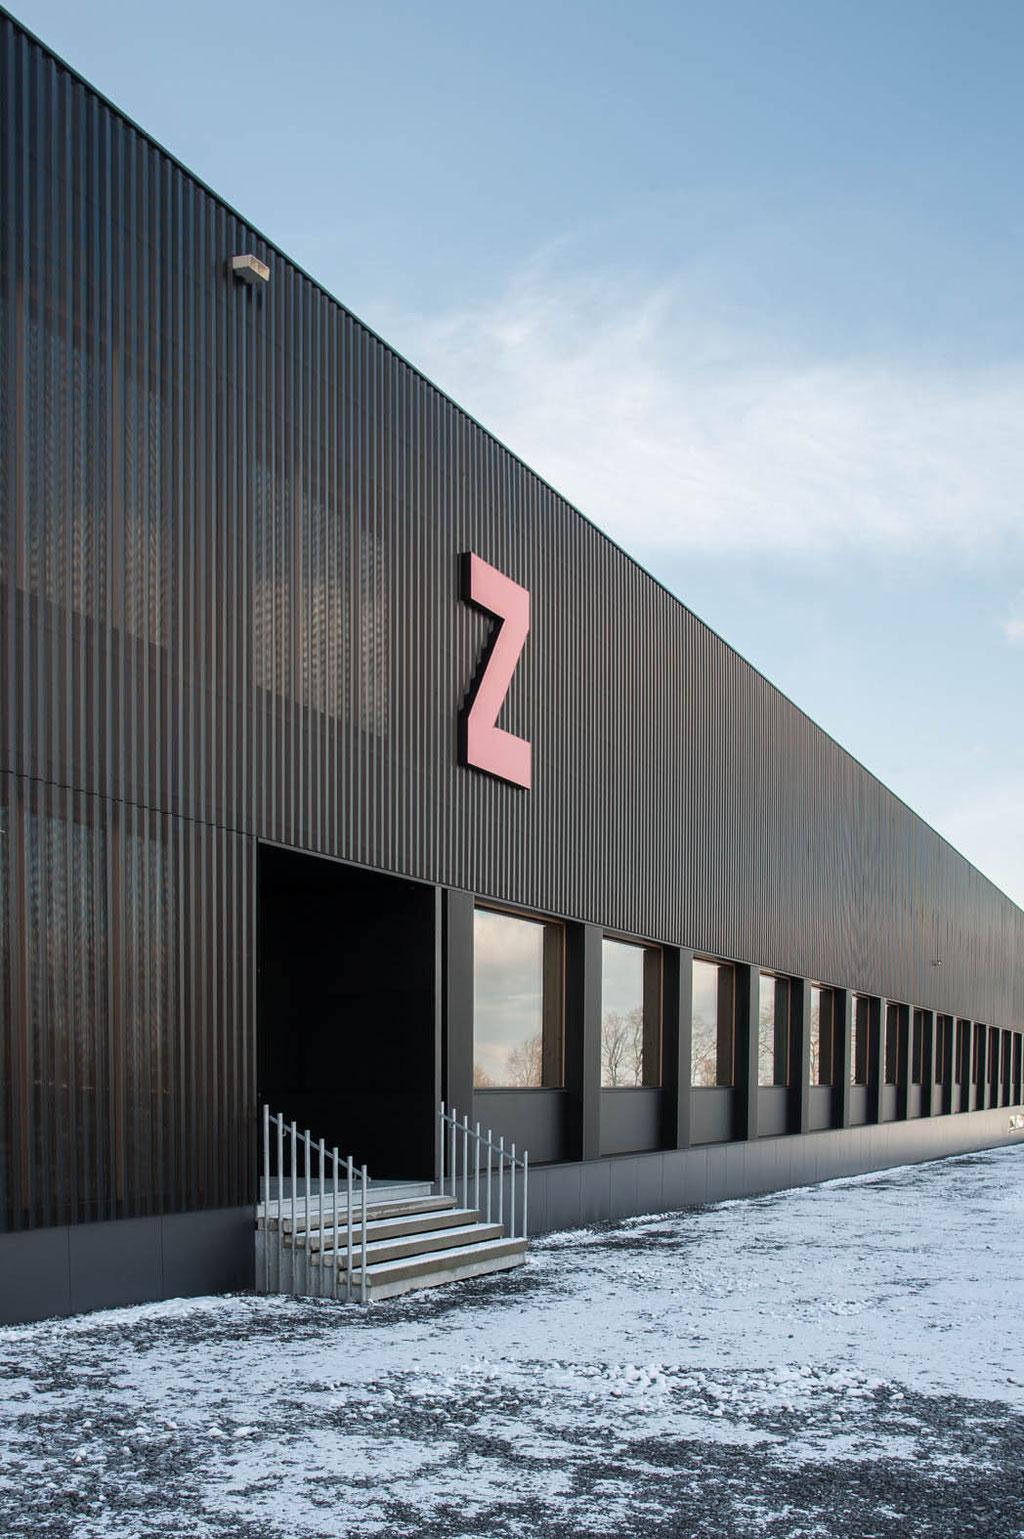 z-werkzeugbau (Johannes Kaufmann), Dornbirn (A)